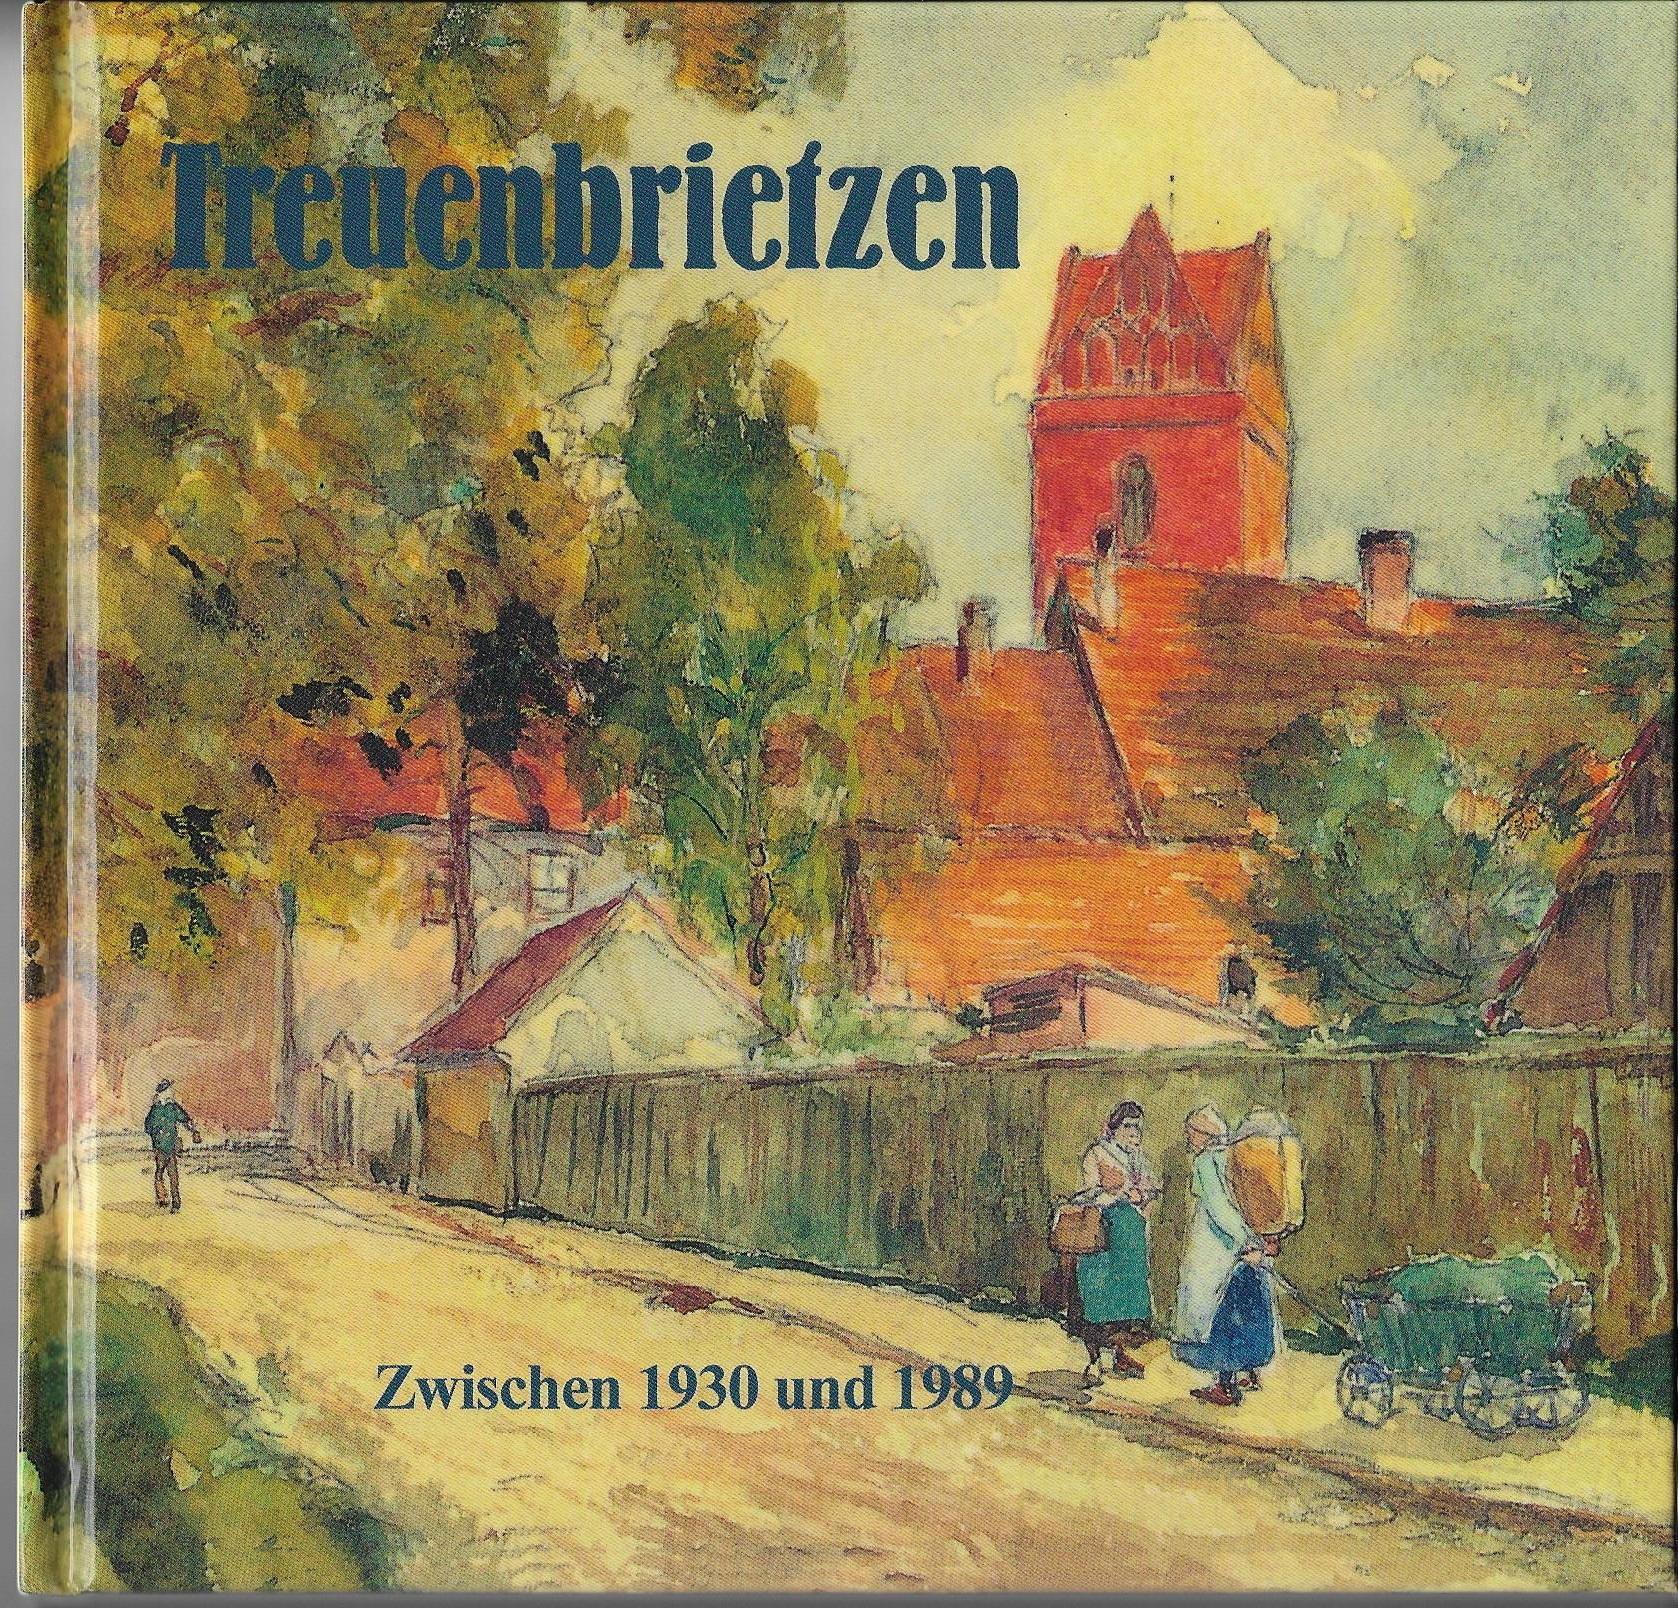 Treuenbrietzen zwischen 1930 und 1989